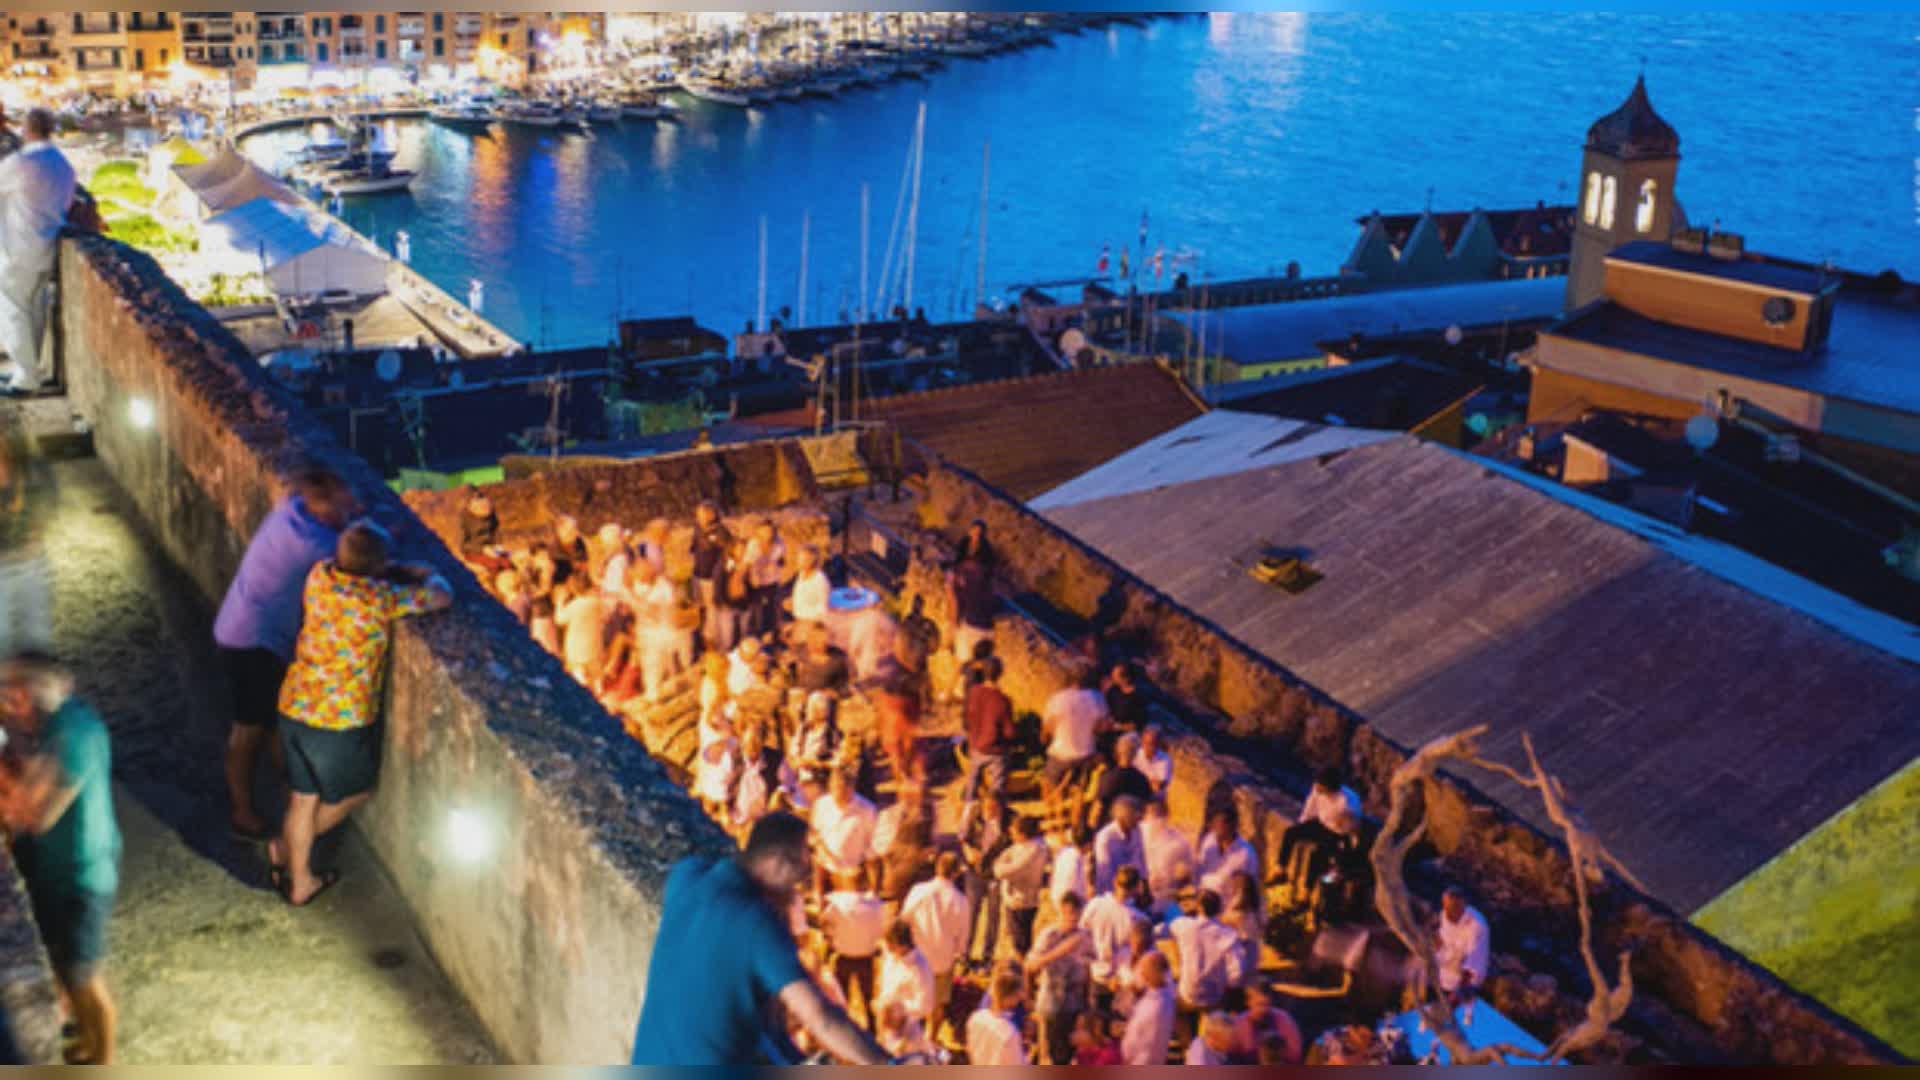 Organizzano festa in villa: 350 invitati. Le foto dell'assem